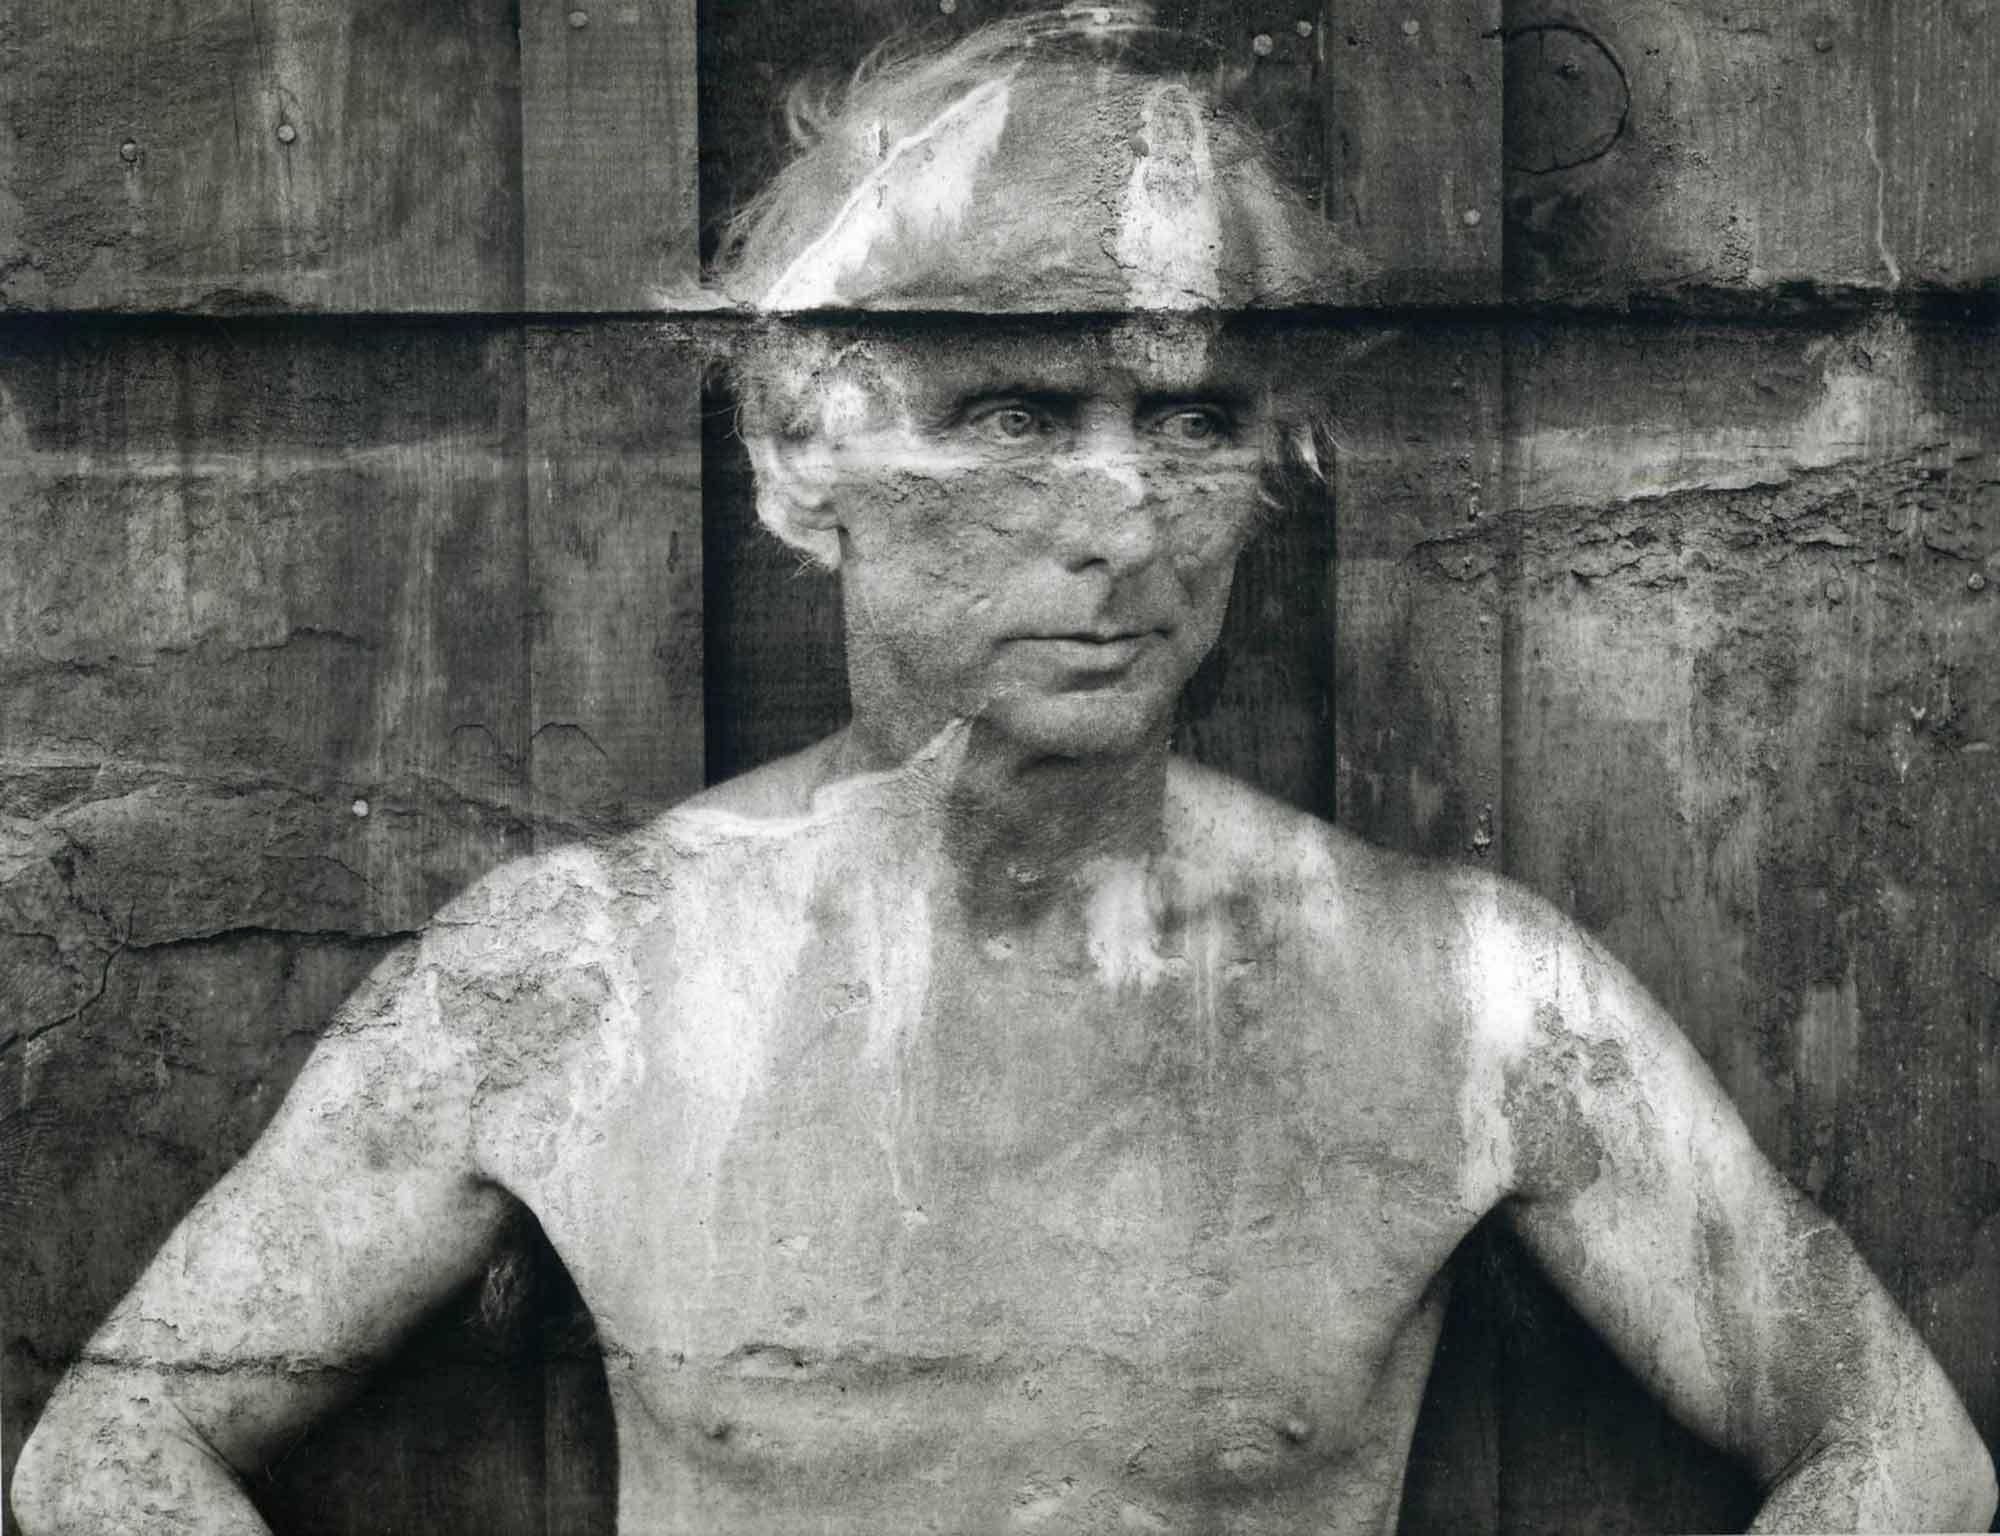 Frederick Sommer